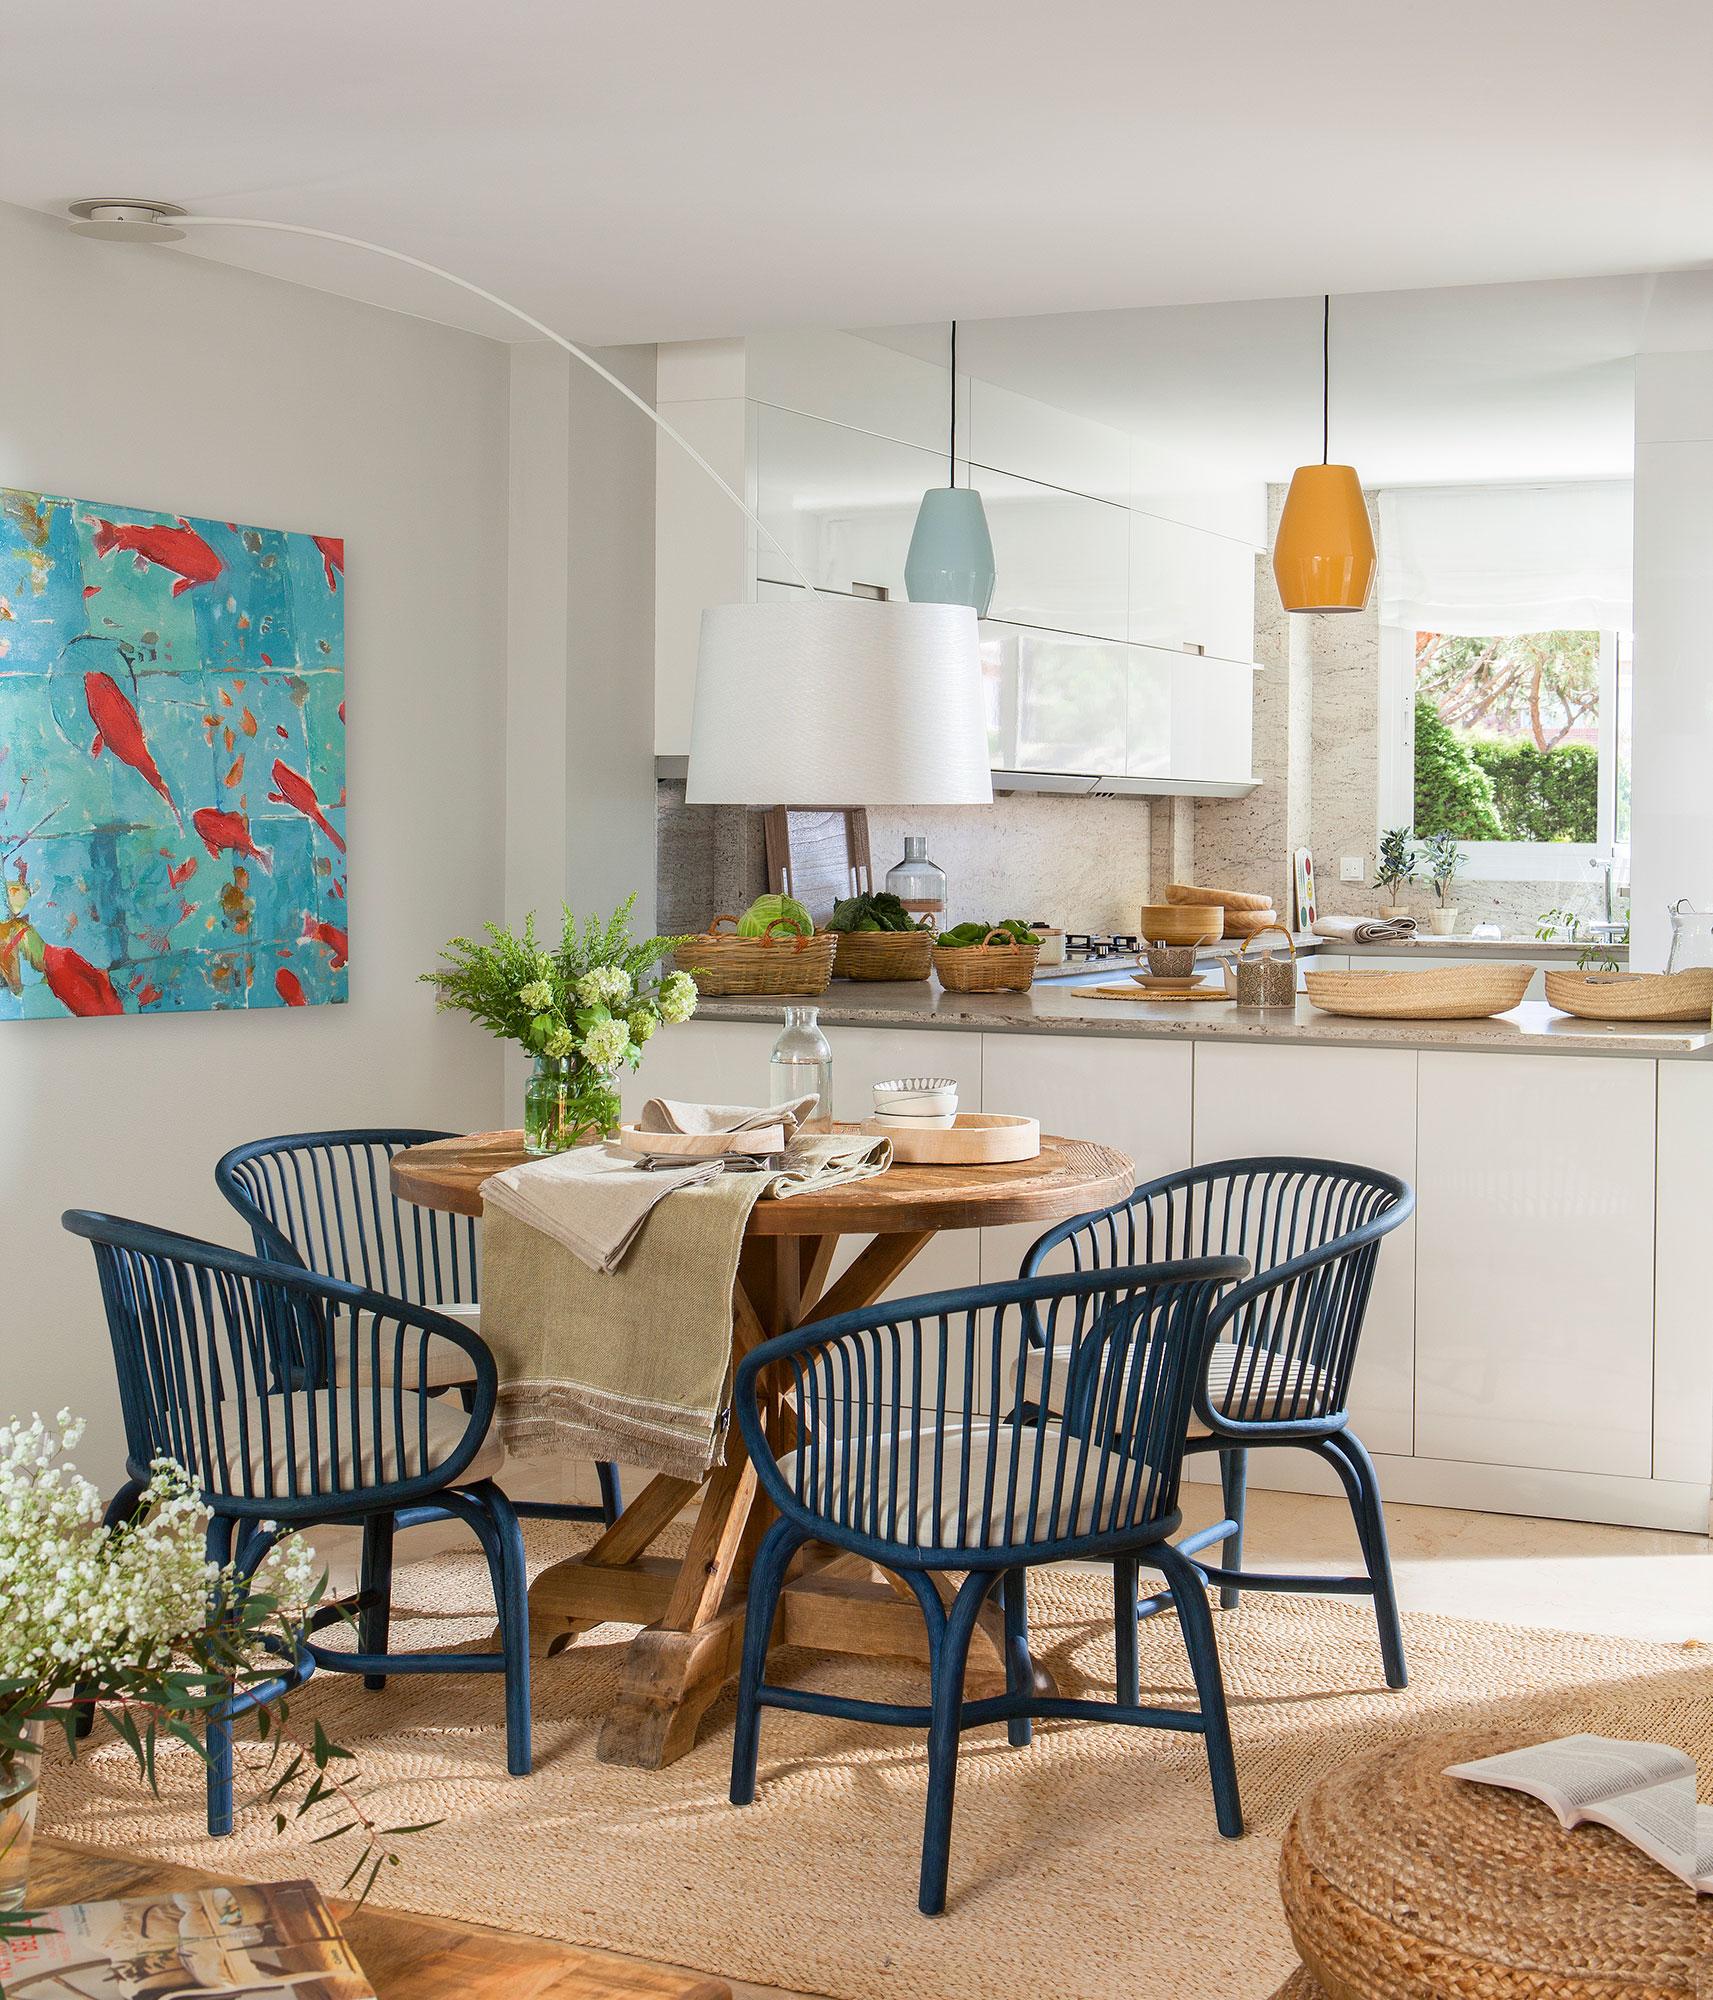 El mostaza est de moda buenas ideas para decorar con for Colores para cocina comedor